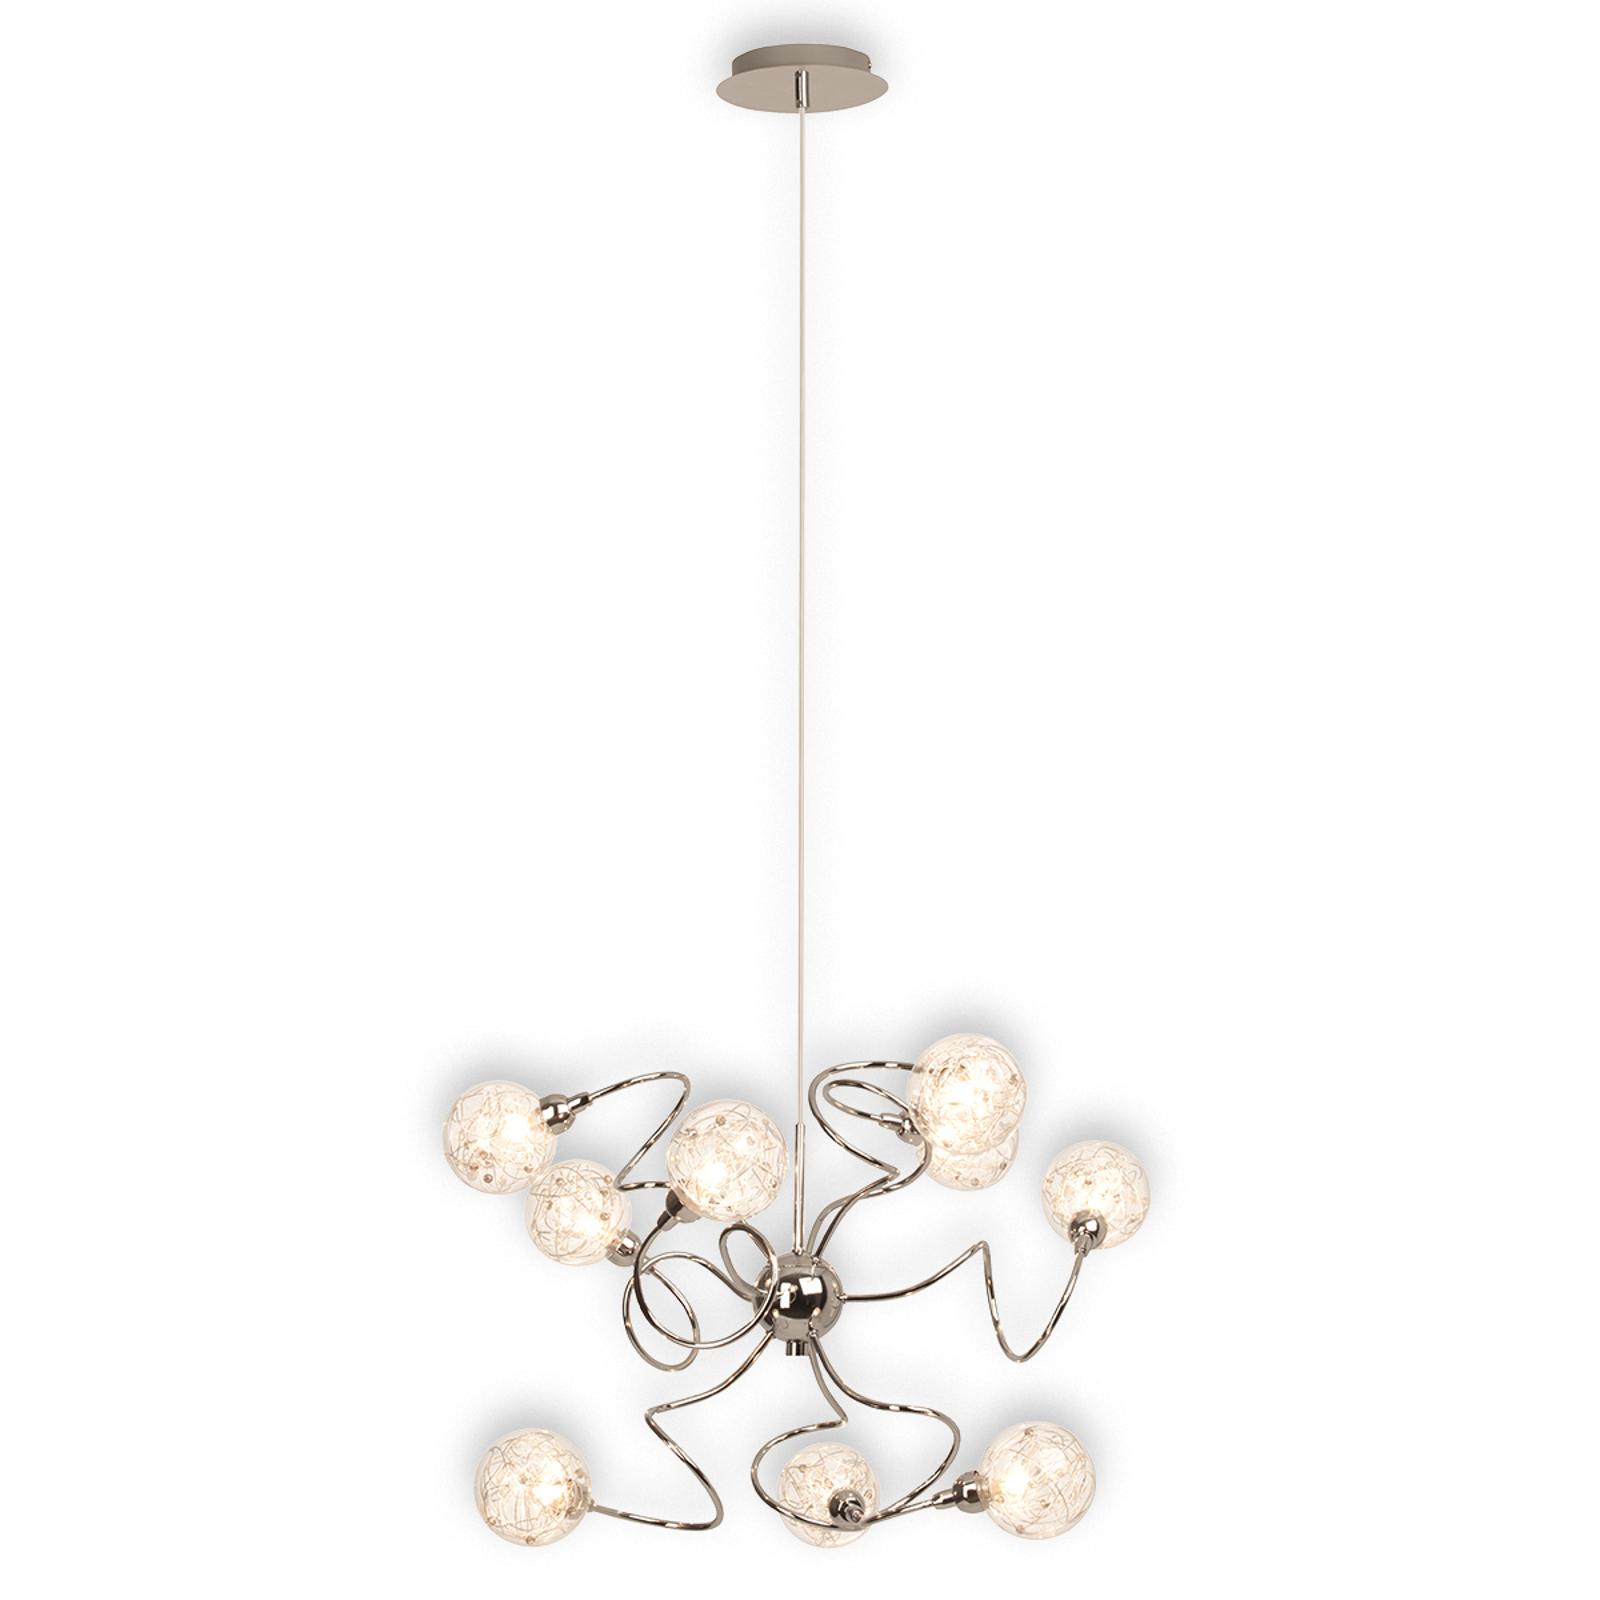 Joya - een negenlamps hanglamp met pit